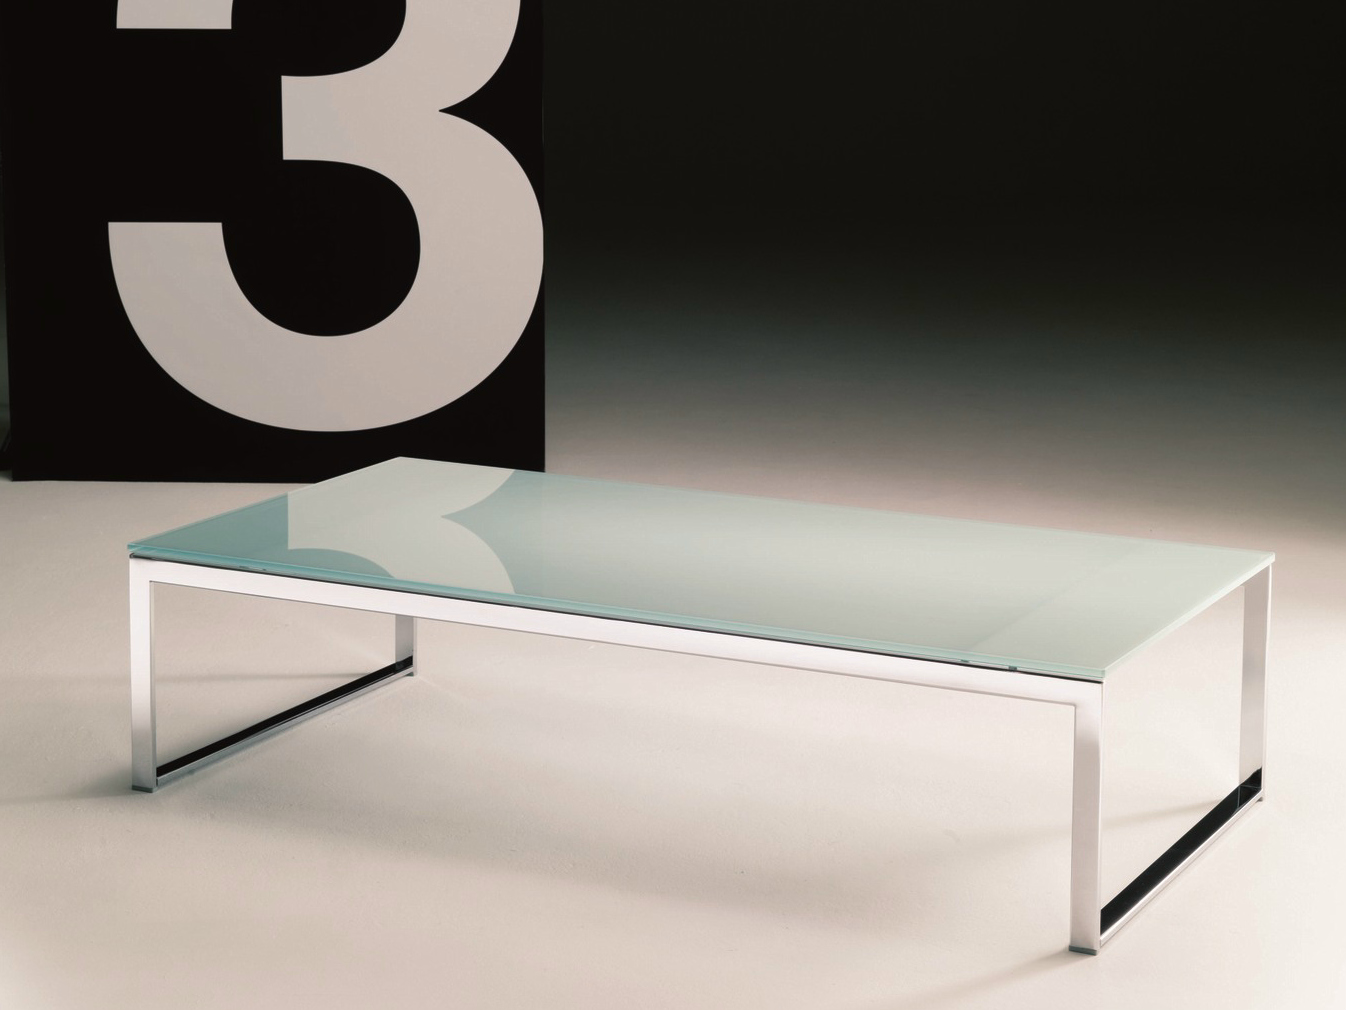 Hiphop tavolino rettangolare by bontempi casa design studio 28 for Tavolini da salotto di design